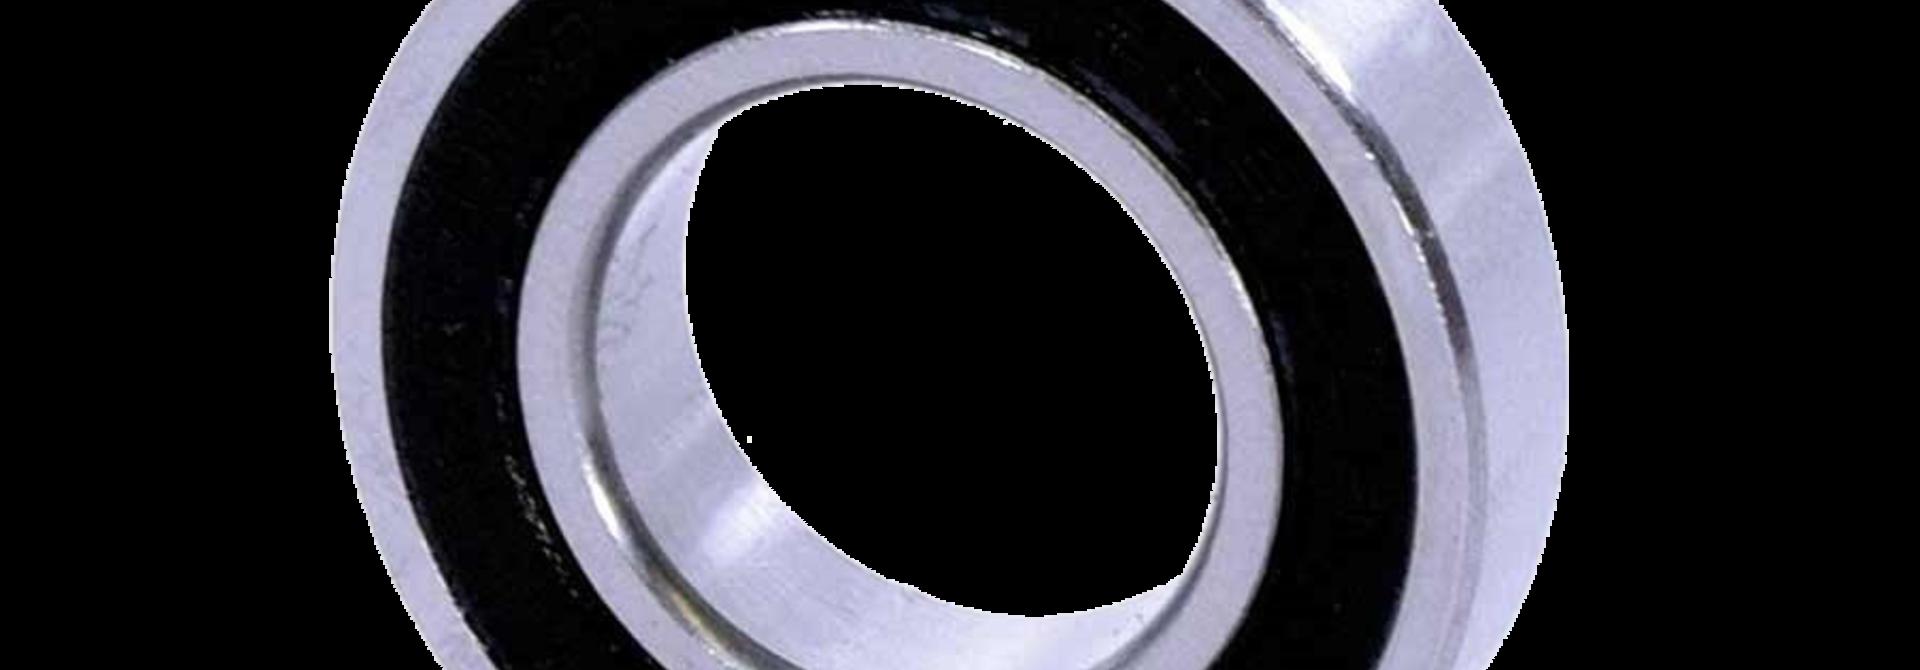 Enduro, ABEC3, Sealed Cartridge Bearing, MR 22371, 22x37.1x8/11.5mm, Steel